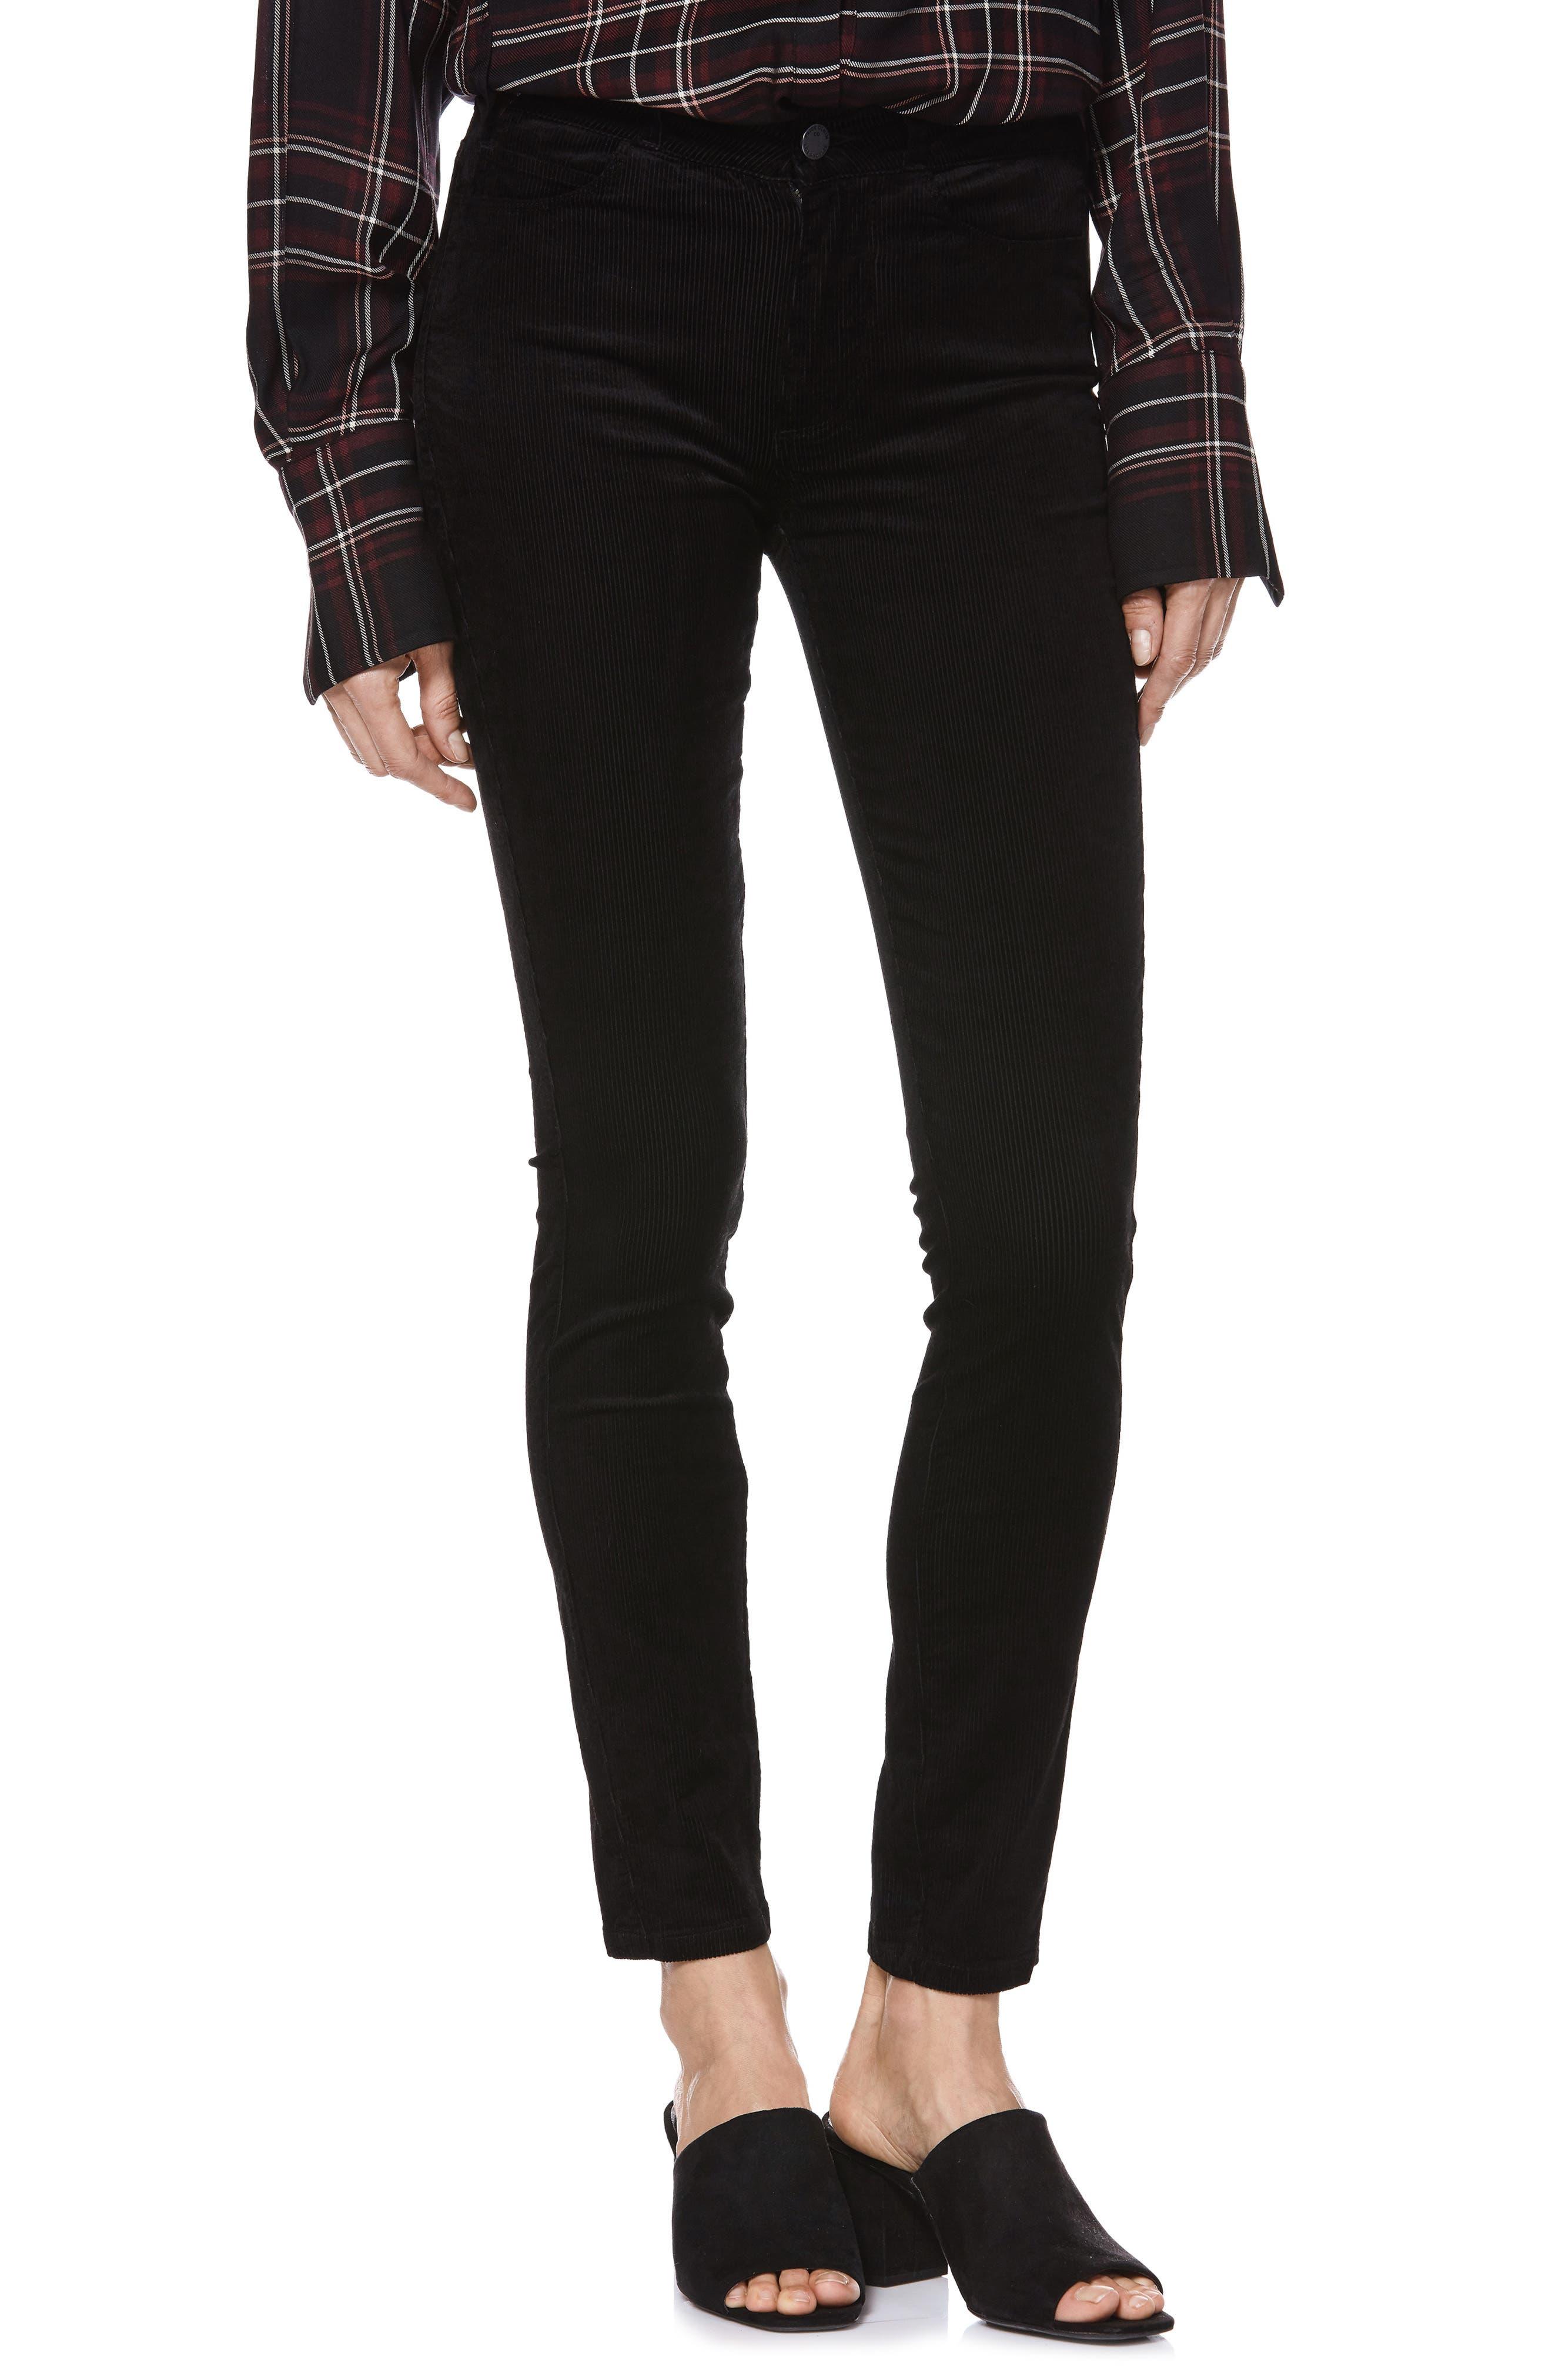 Transcend - Hoxton High Waist Ultra Skinny Jeans,                         Main,                         color, BLACK VELVET CORD